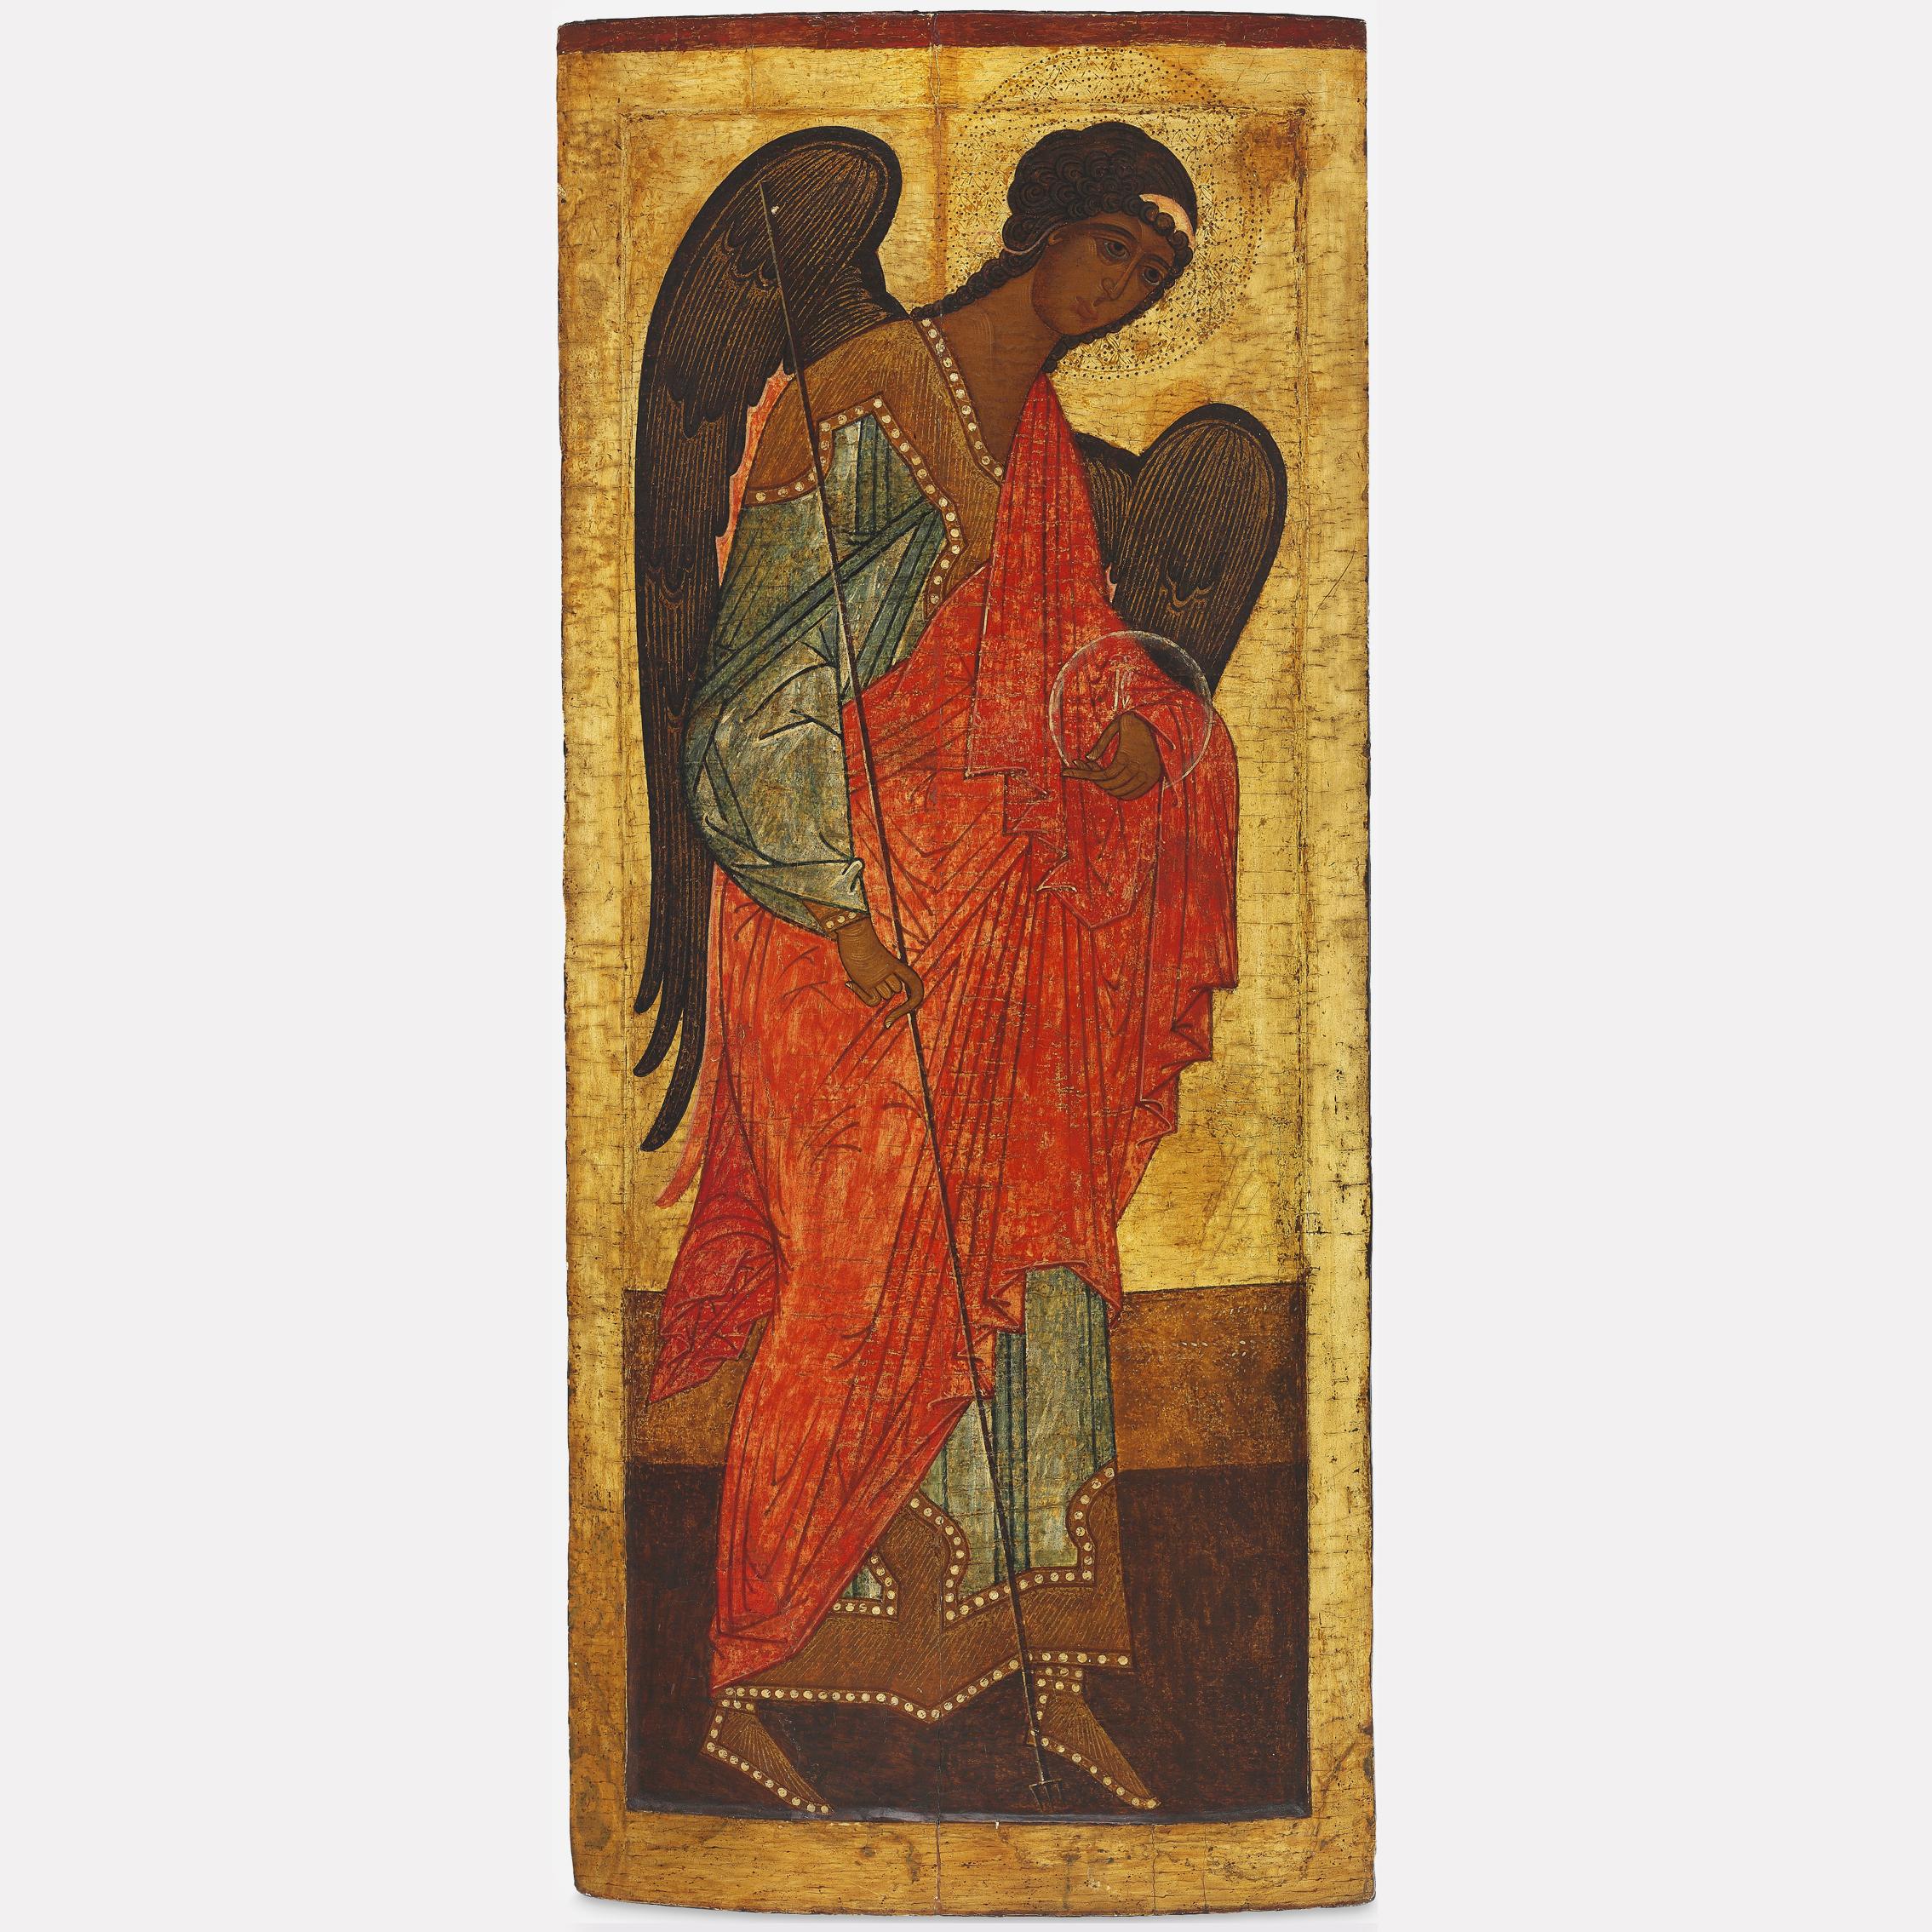 Икона святого Архангела Михаила, ок. 1500, Новгородская школа